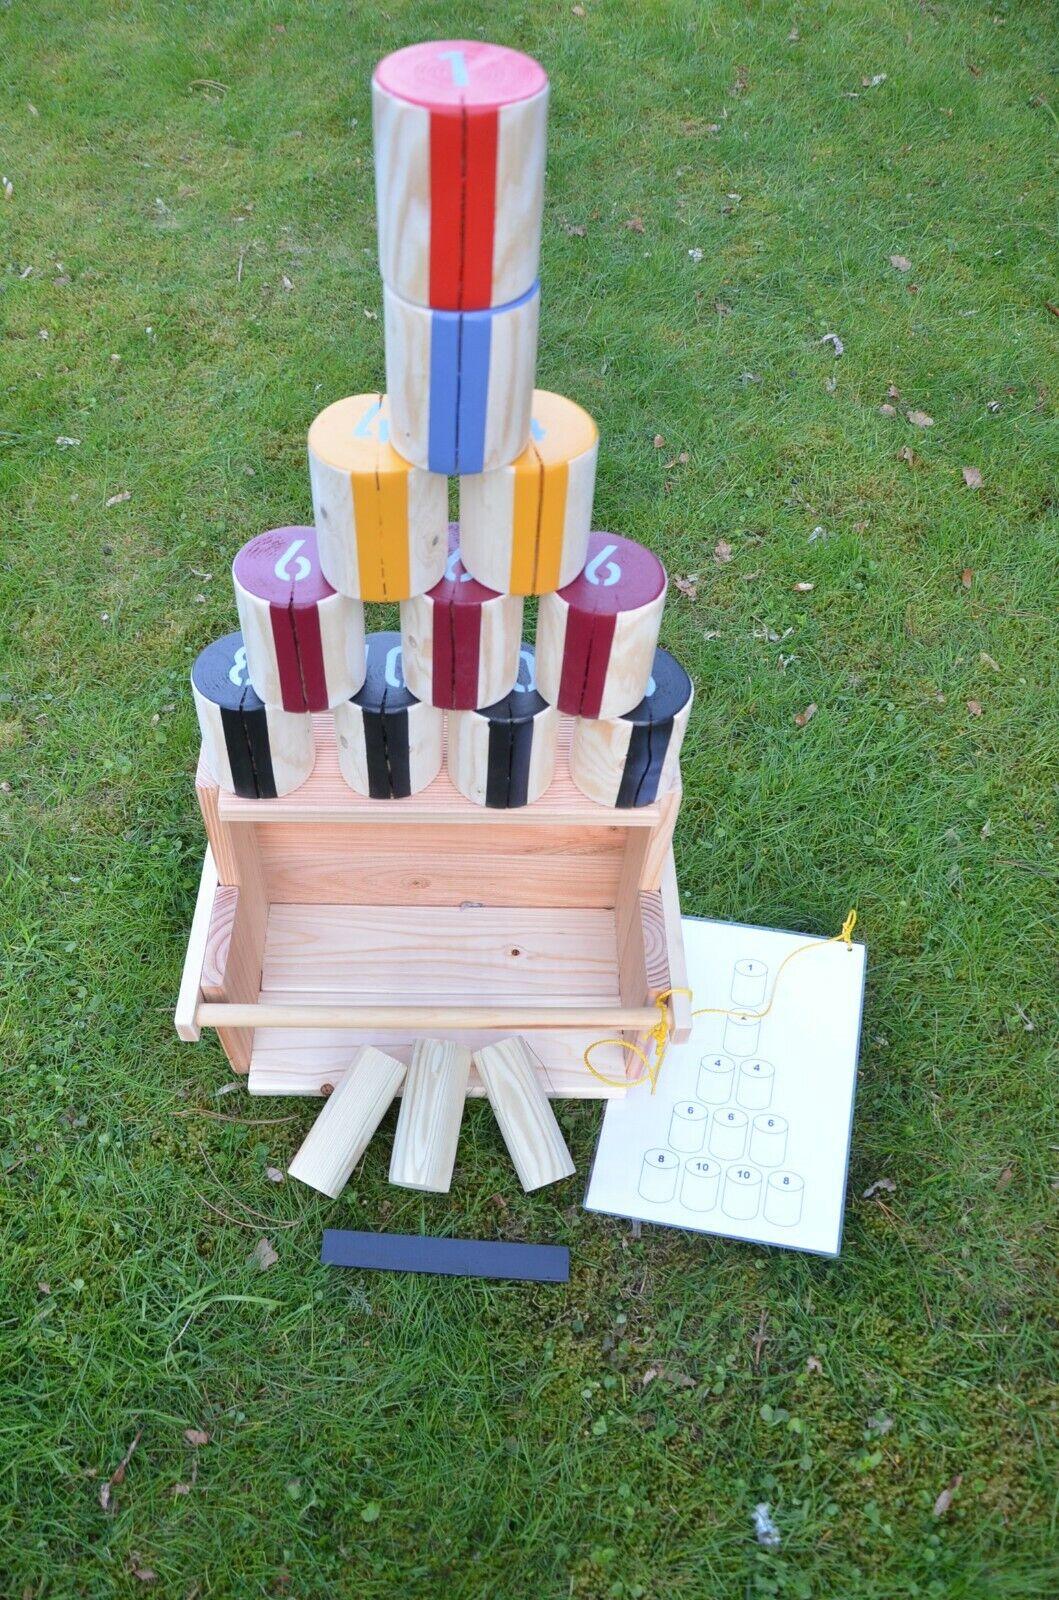 Outdoorspiele  Holzdosenwerfen bunt® , für draußen mit Stabiler Holzkiste.